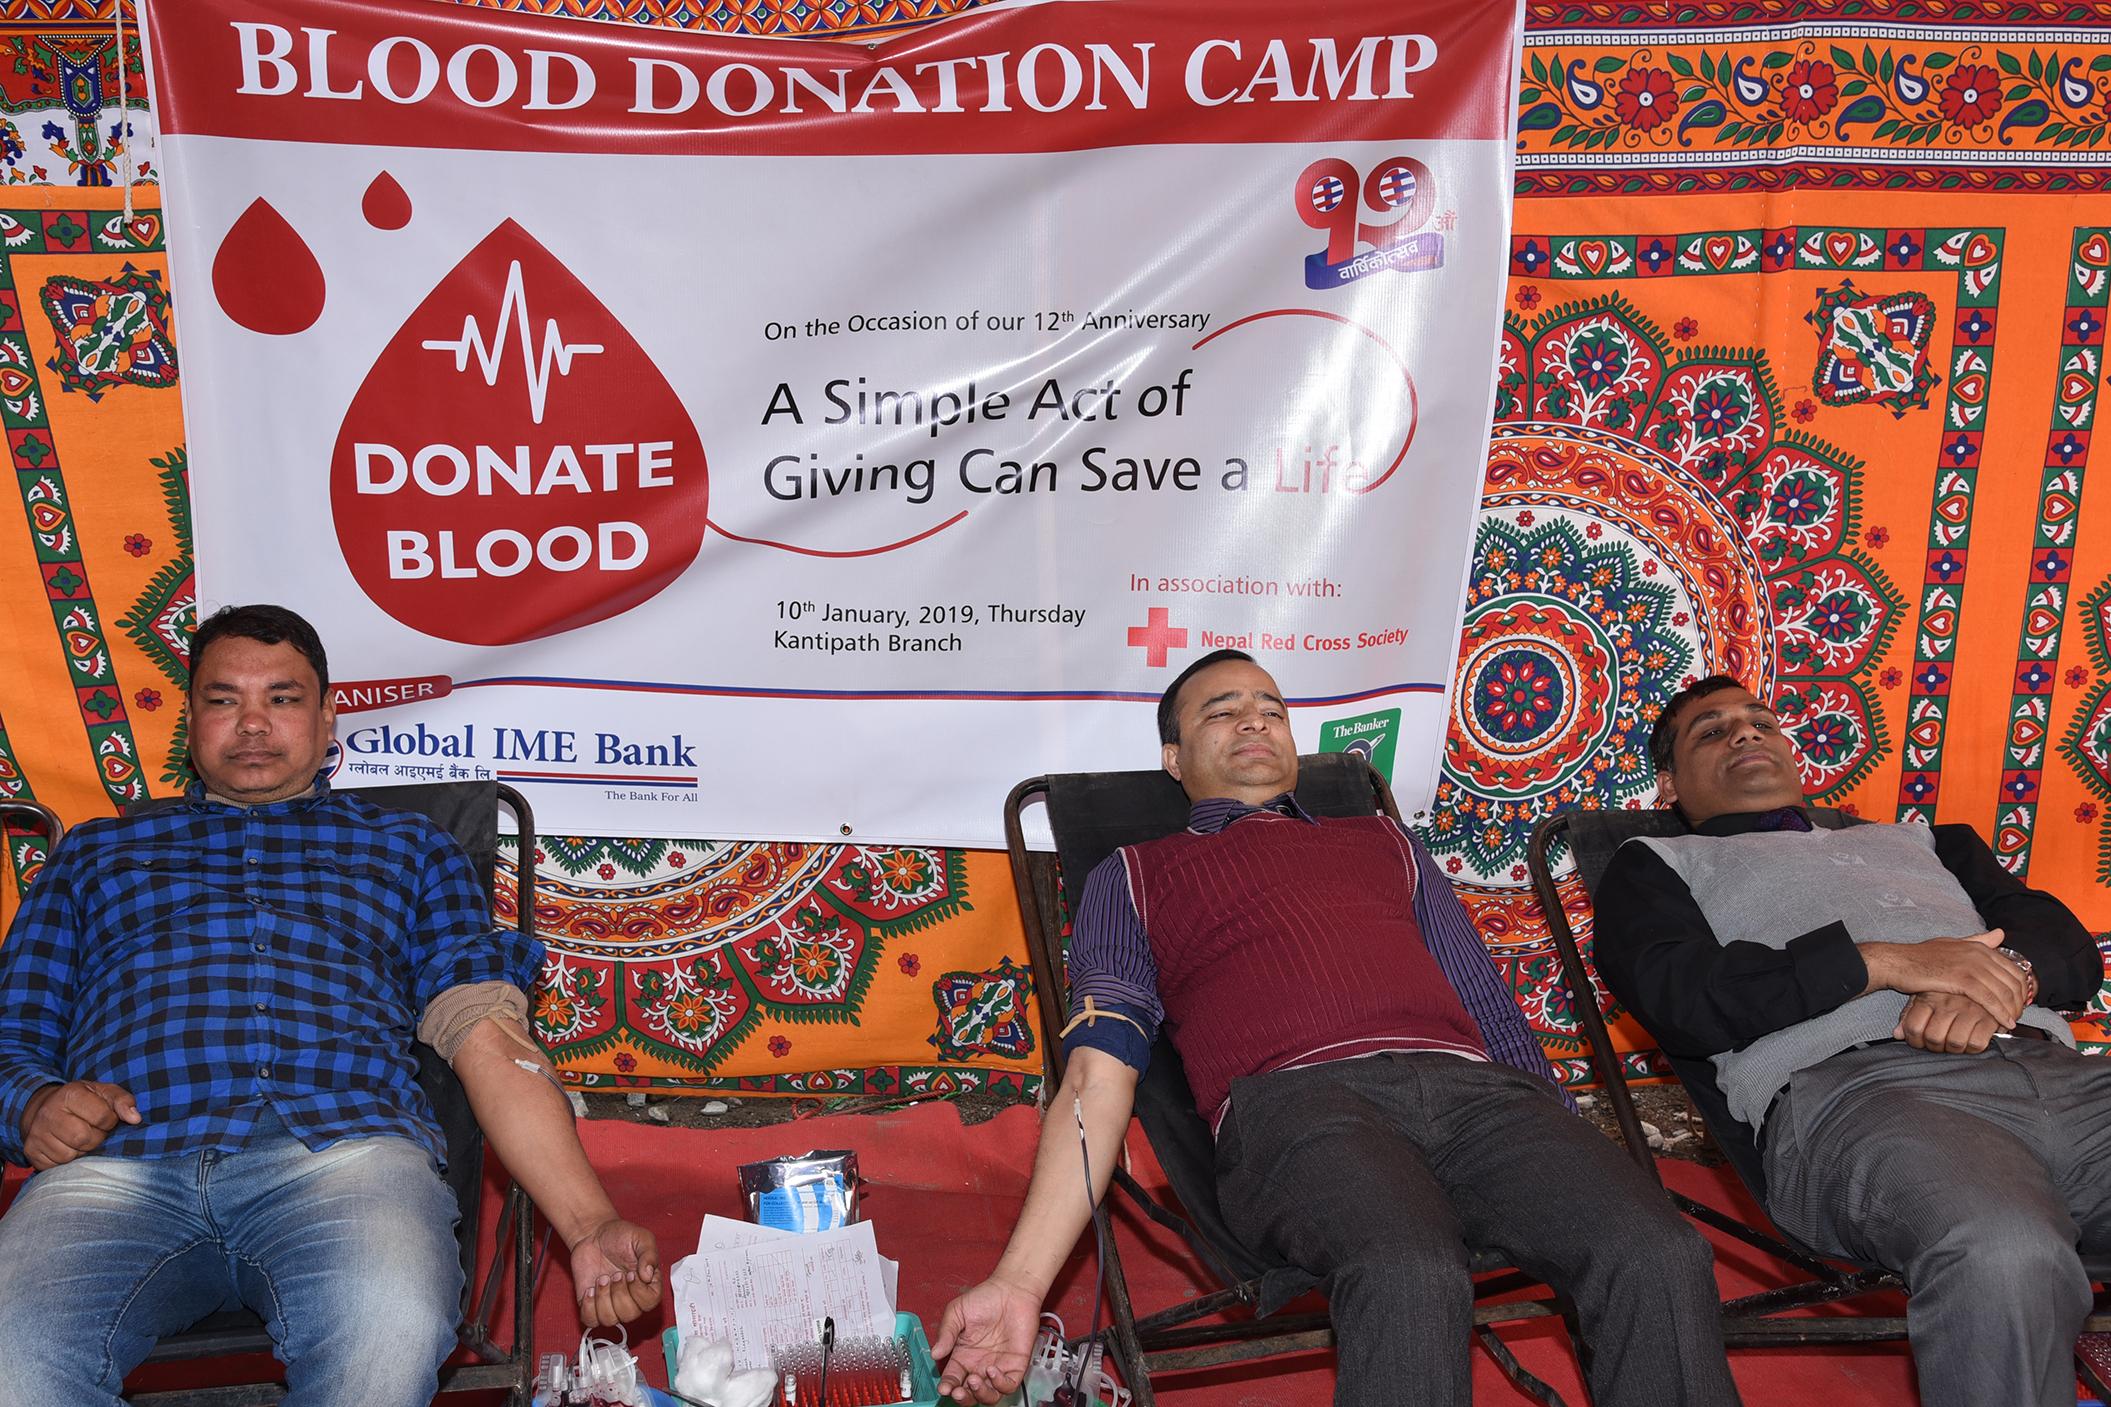 ग्लोबल आईएमई बैंकको १२ औं वार्षिकोत्सवको अवसरमा रक्तदान